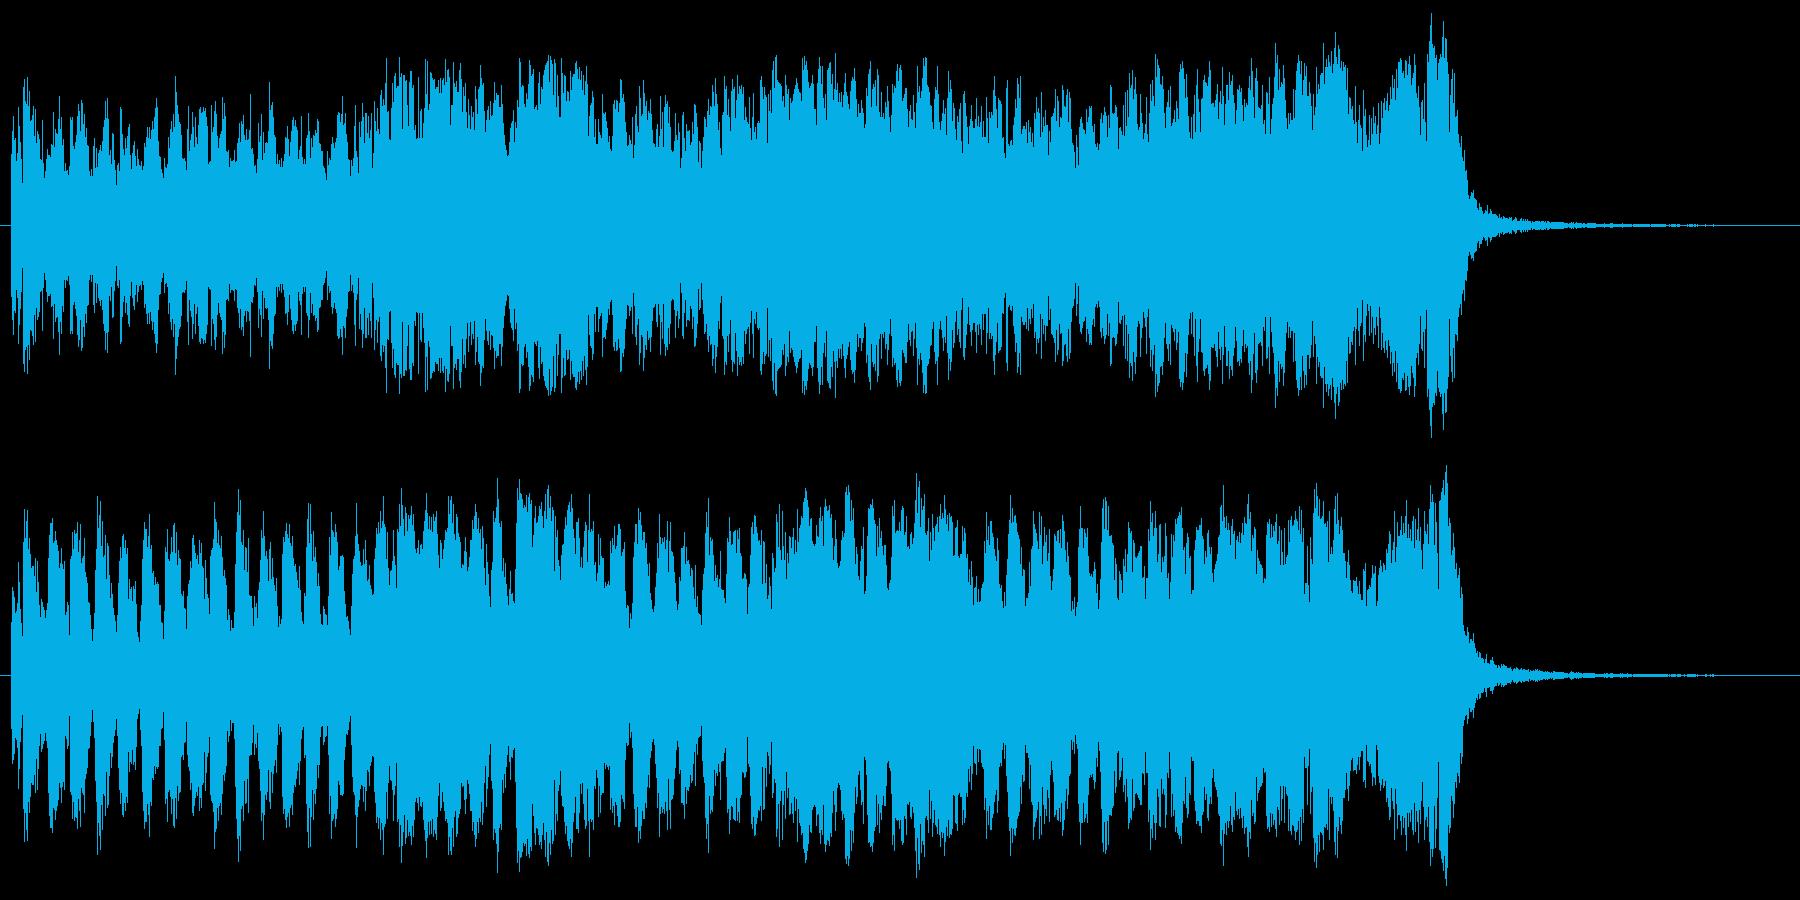 和風で勇ましい、行進曲調のイントロ曲の再生済みの波形